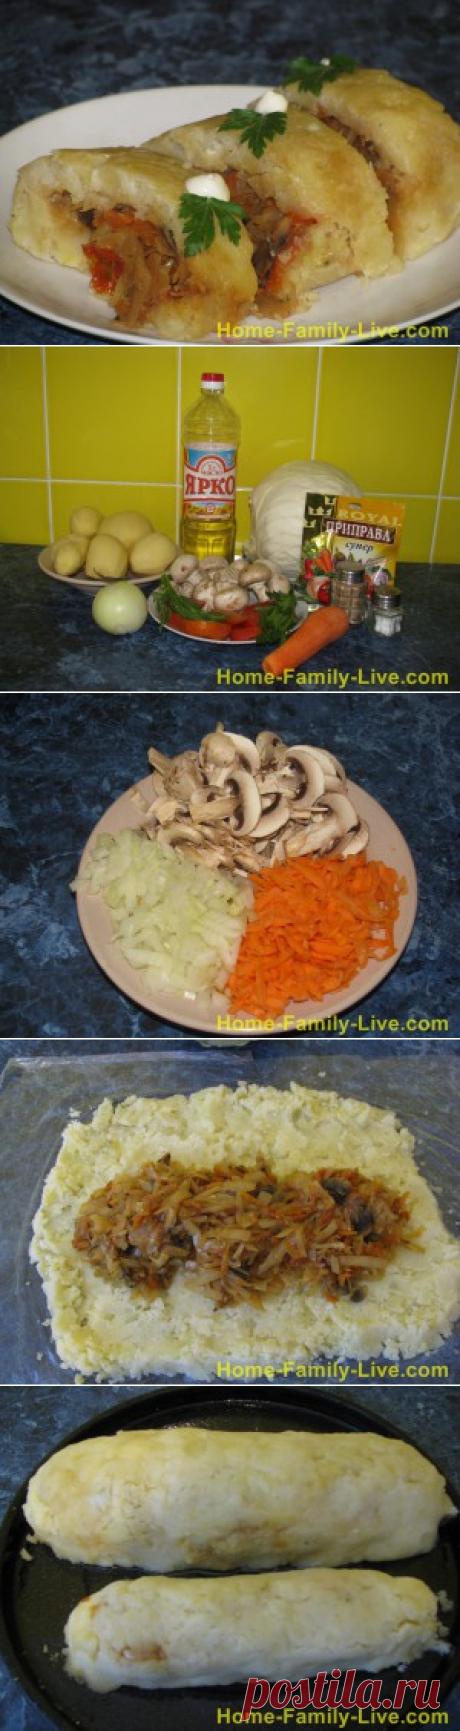 Рулет картофельный с грибами и капустой/Сайт с пошаговыми рецептами с фото для тех кто любит готовить